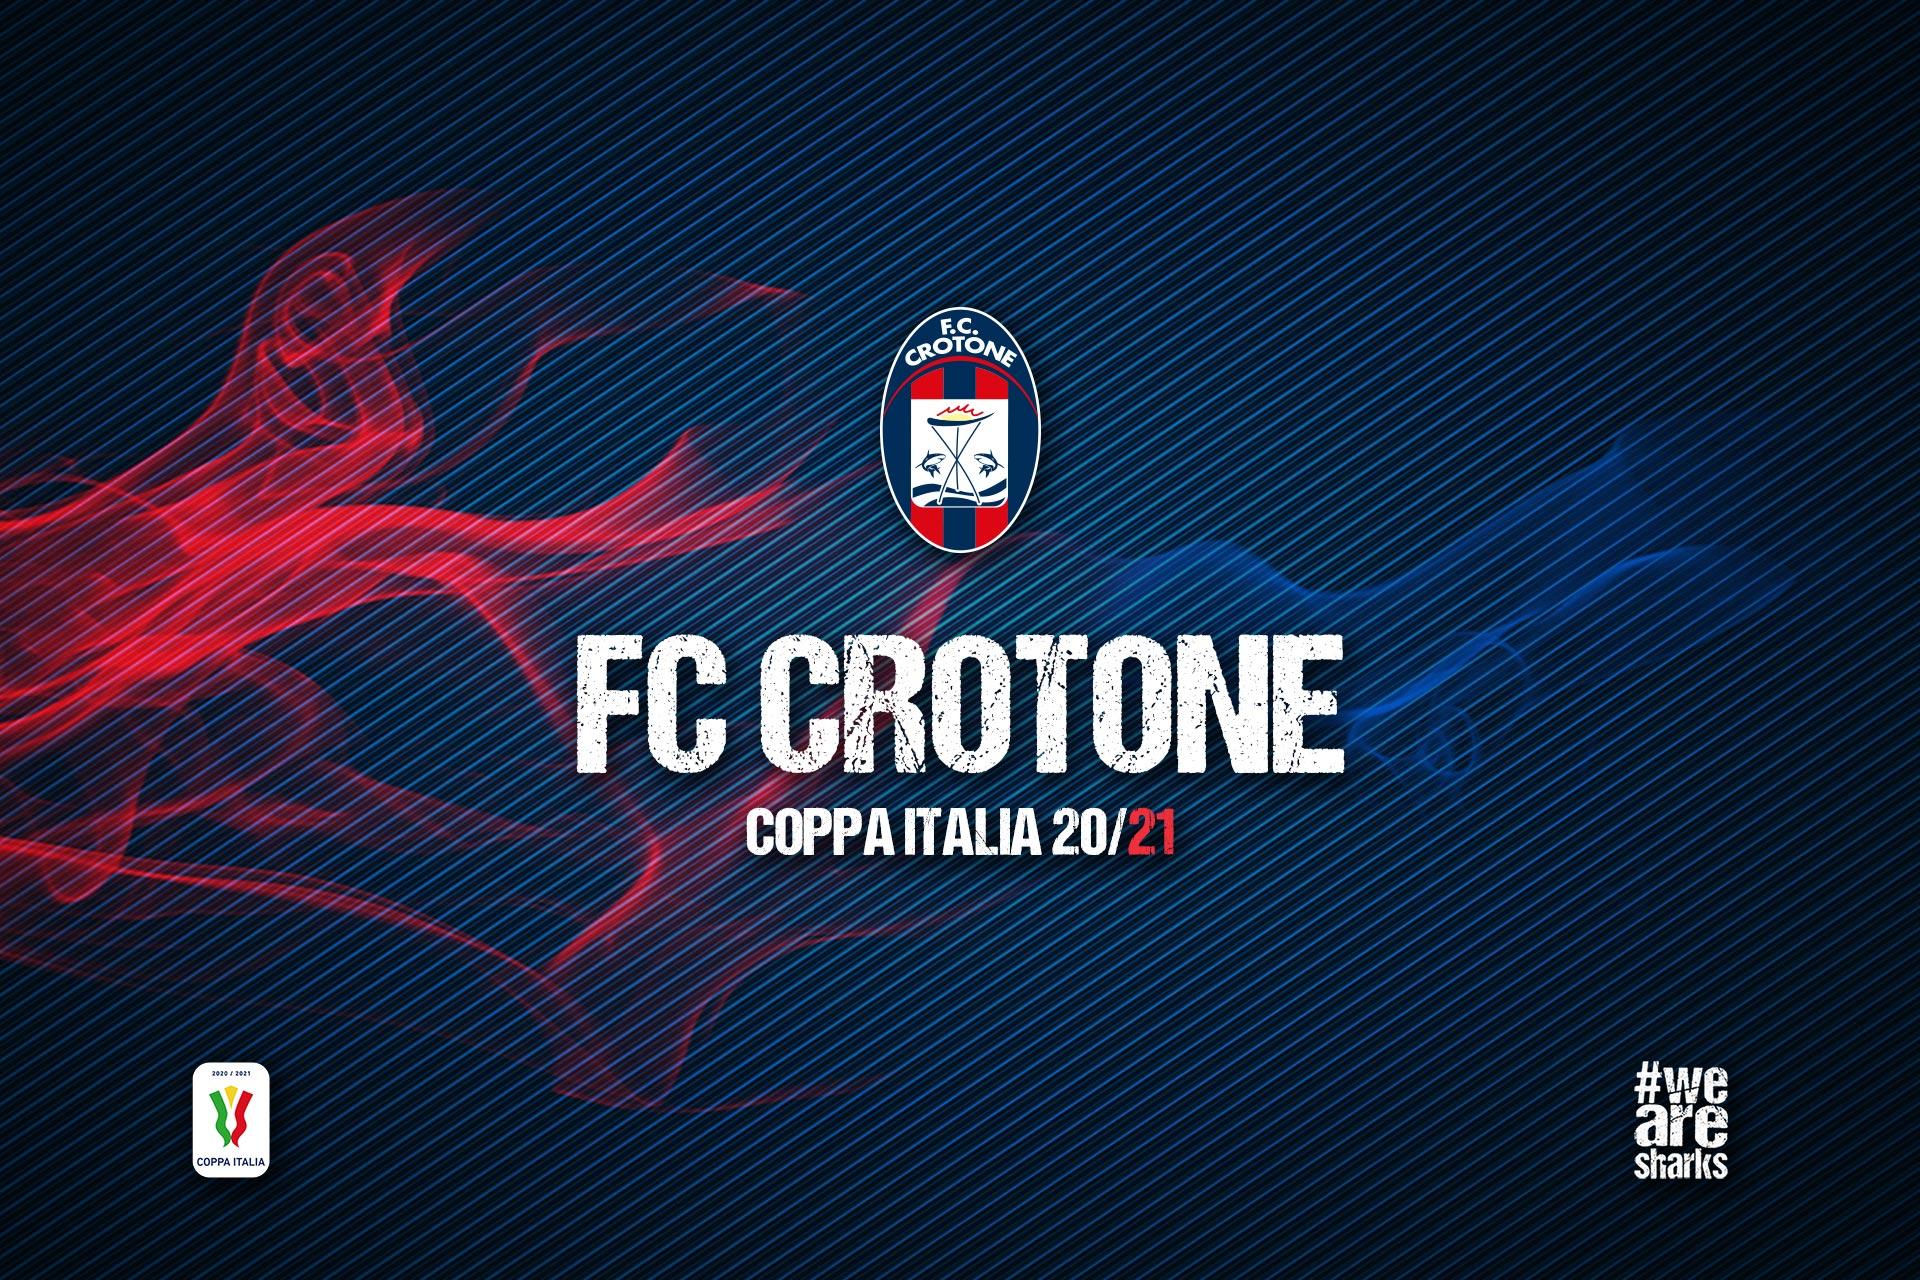 Sorteggio Coppa Italia 2020/21